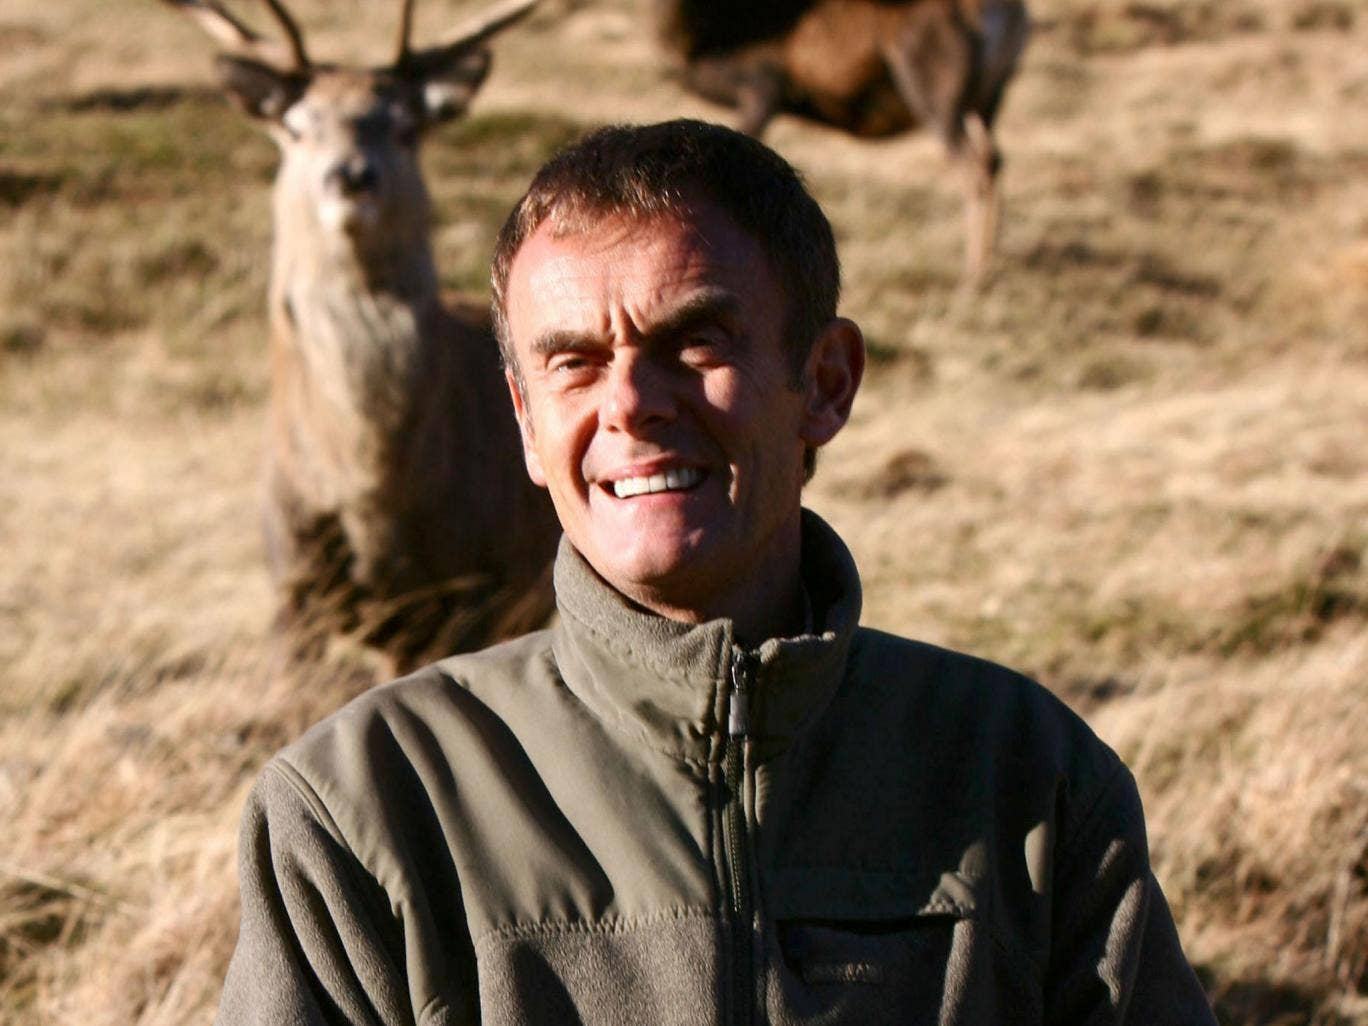 Paul Lister, landowner